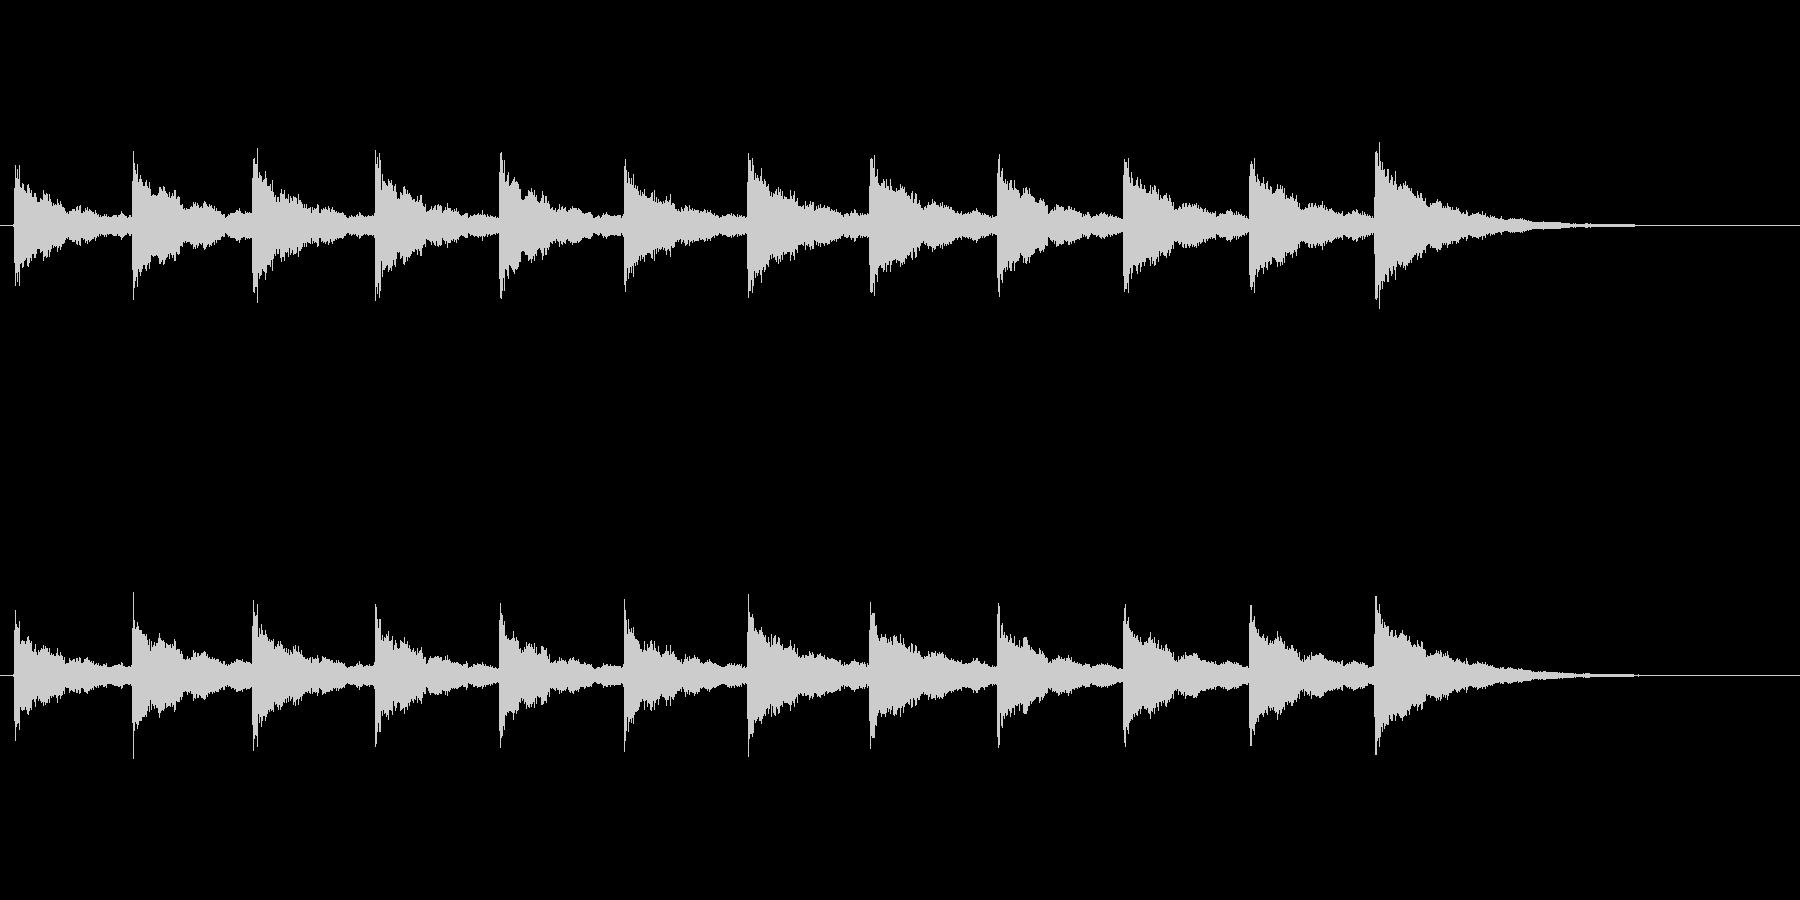 鐘の音 (12時)の未再生の波形